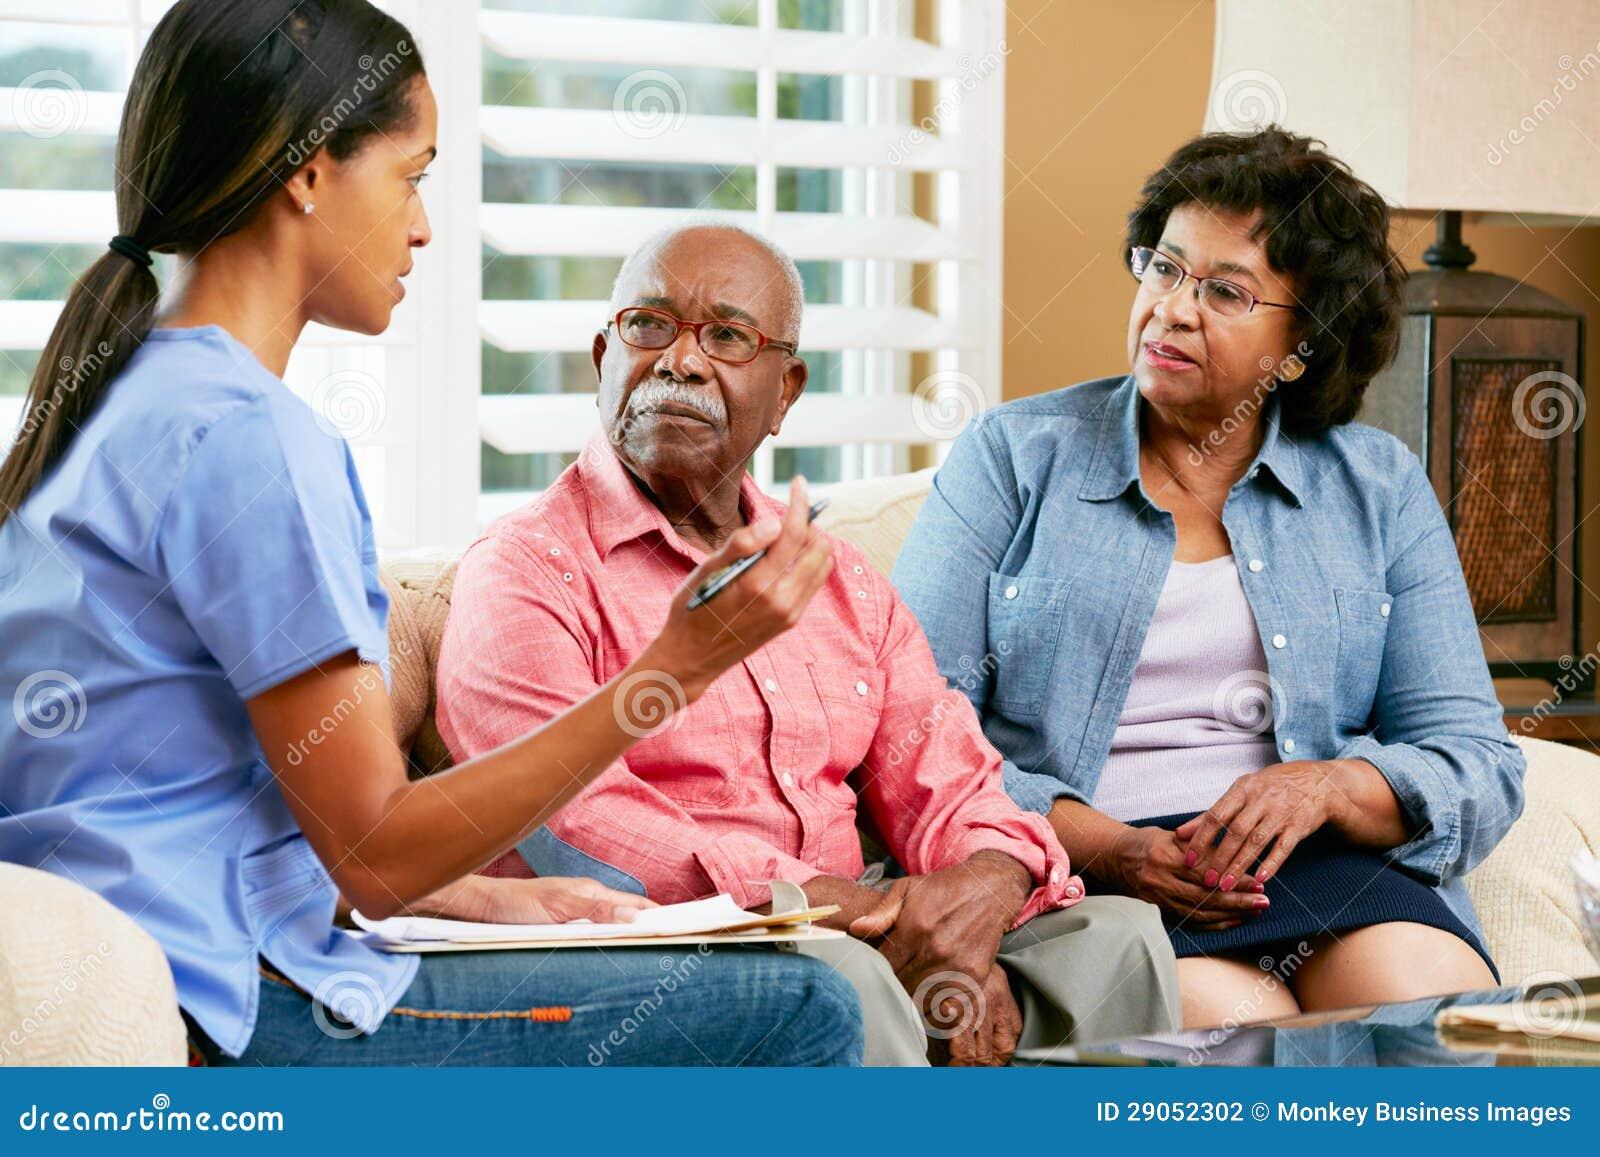 Krankenschwester, die Anmerkungen während des Hauptbesuchs mit älteren Paaren macht